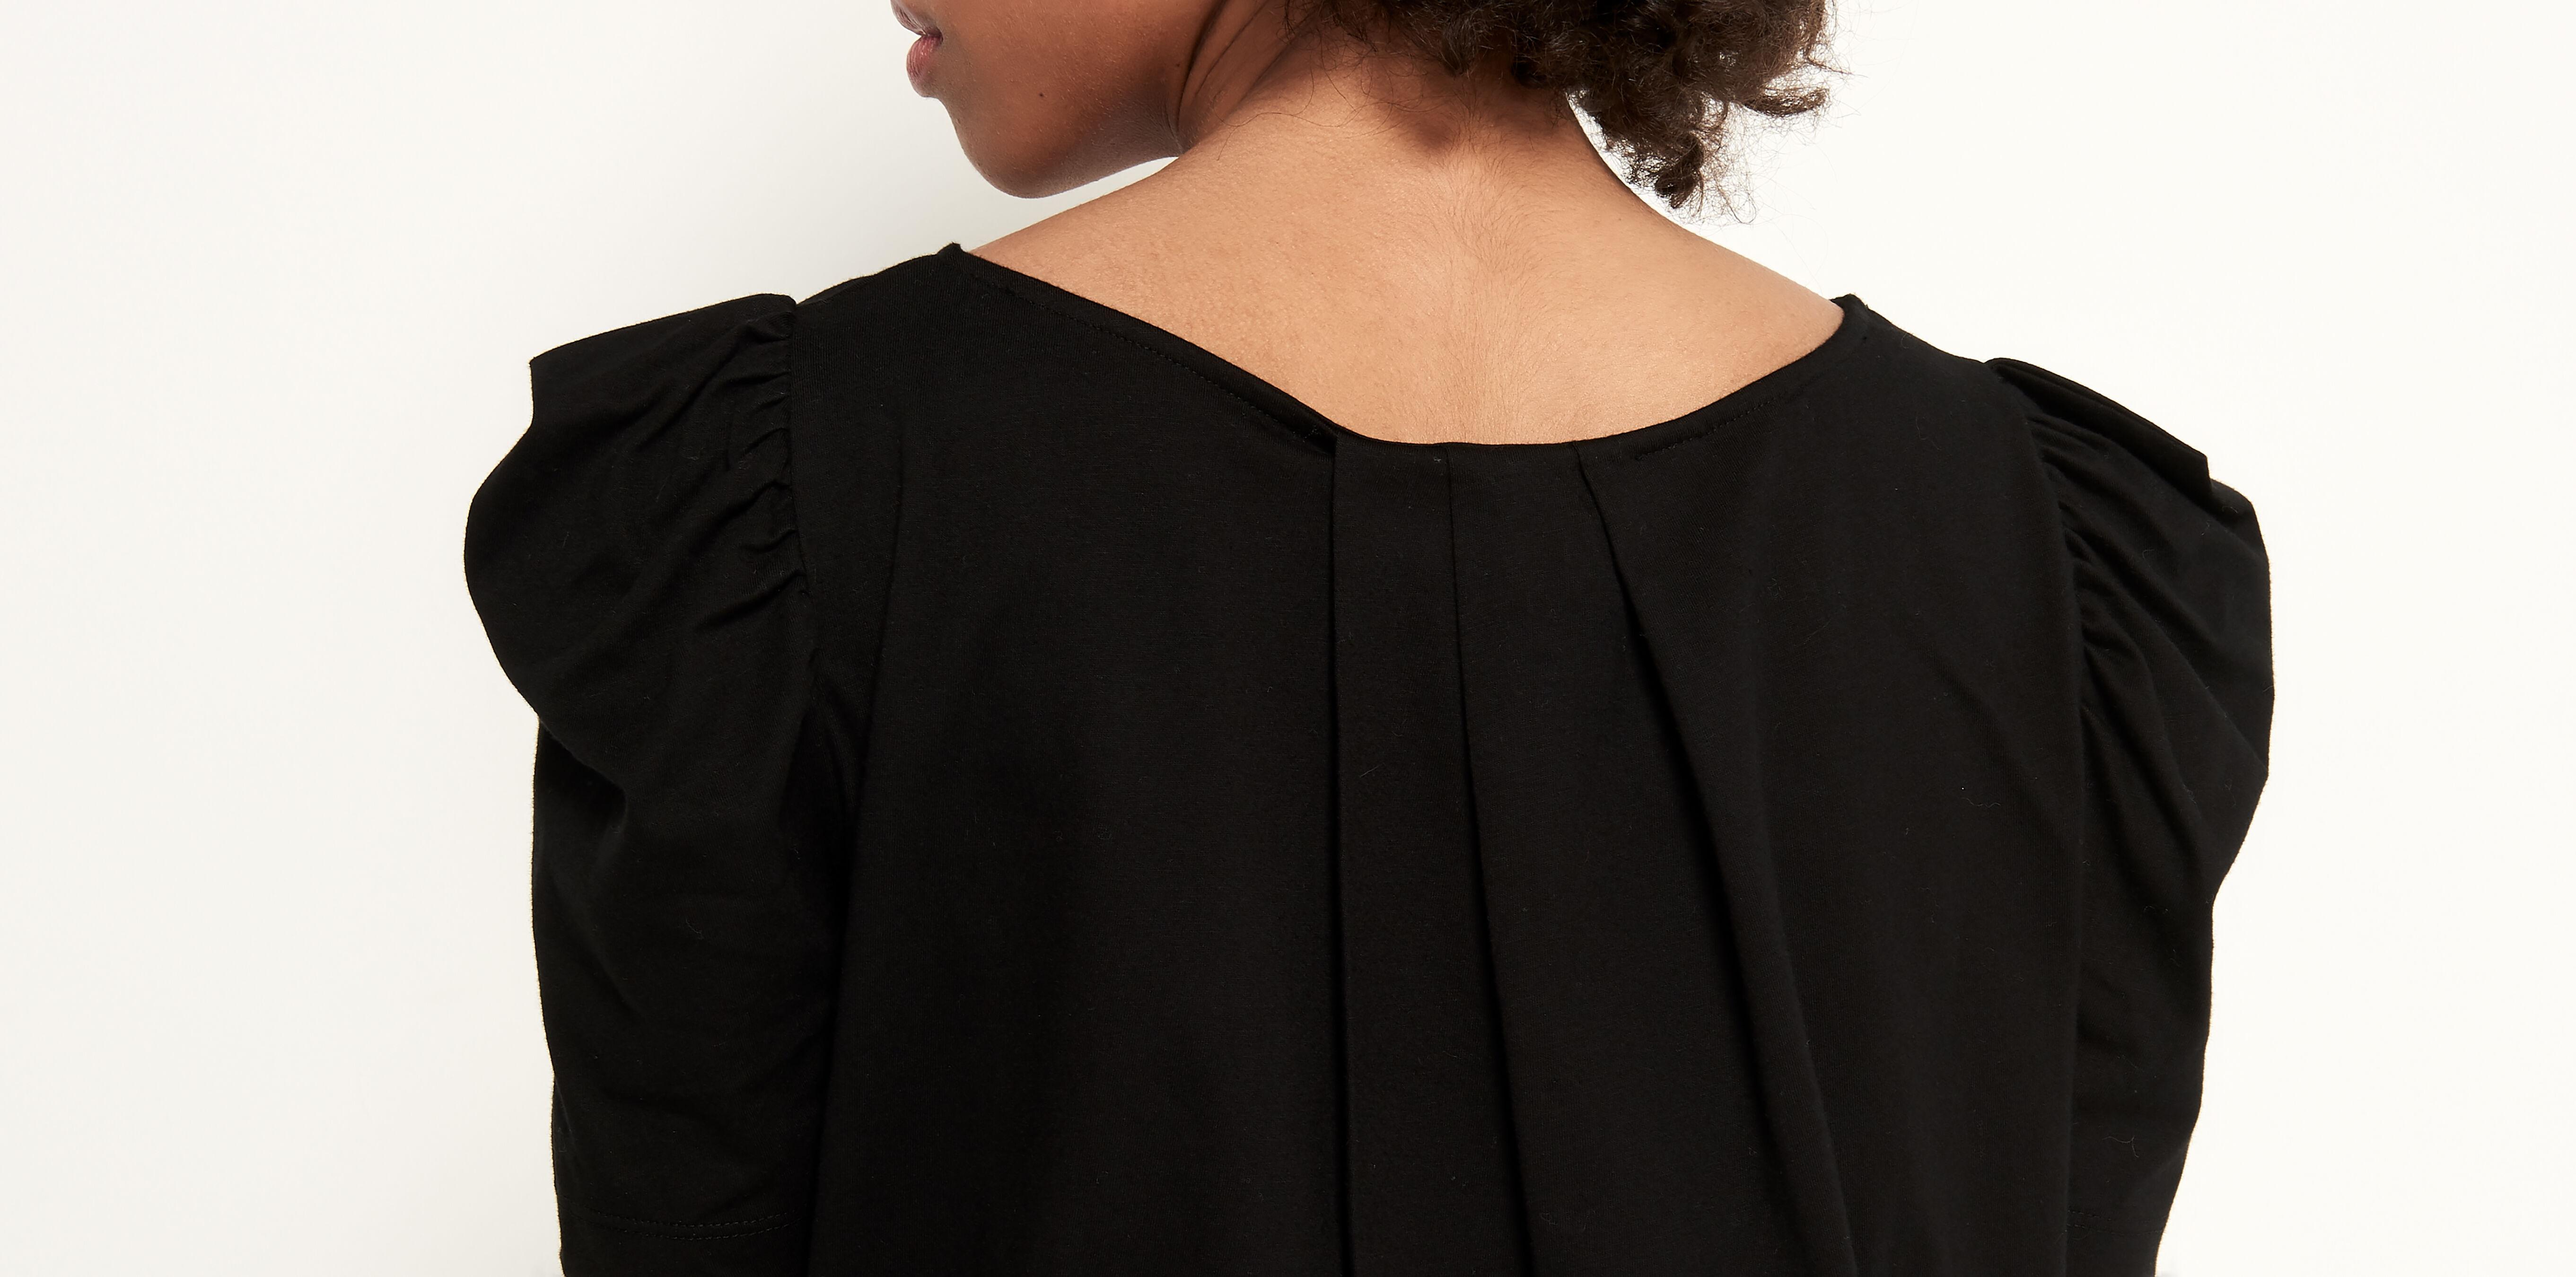 Hombre Negro Camiseta Silueta Nube Silueta Camiseta Nube pLqVSzjUMG